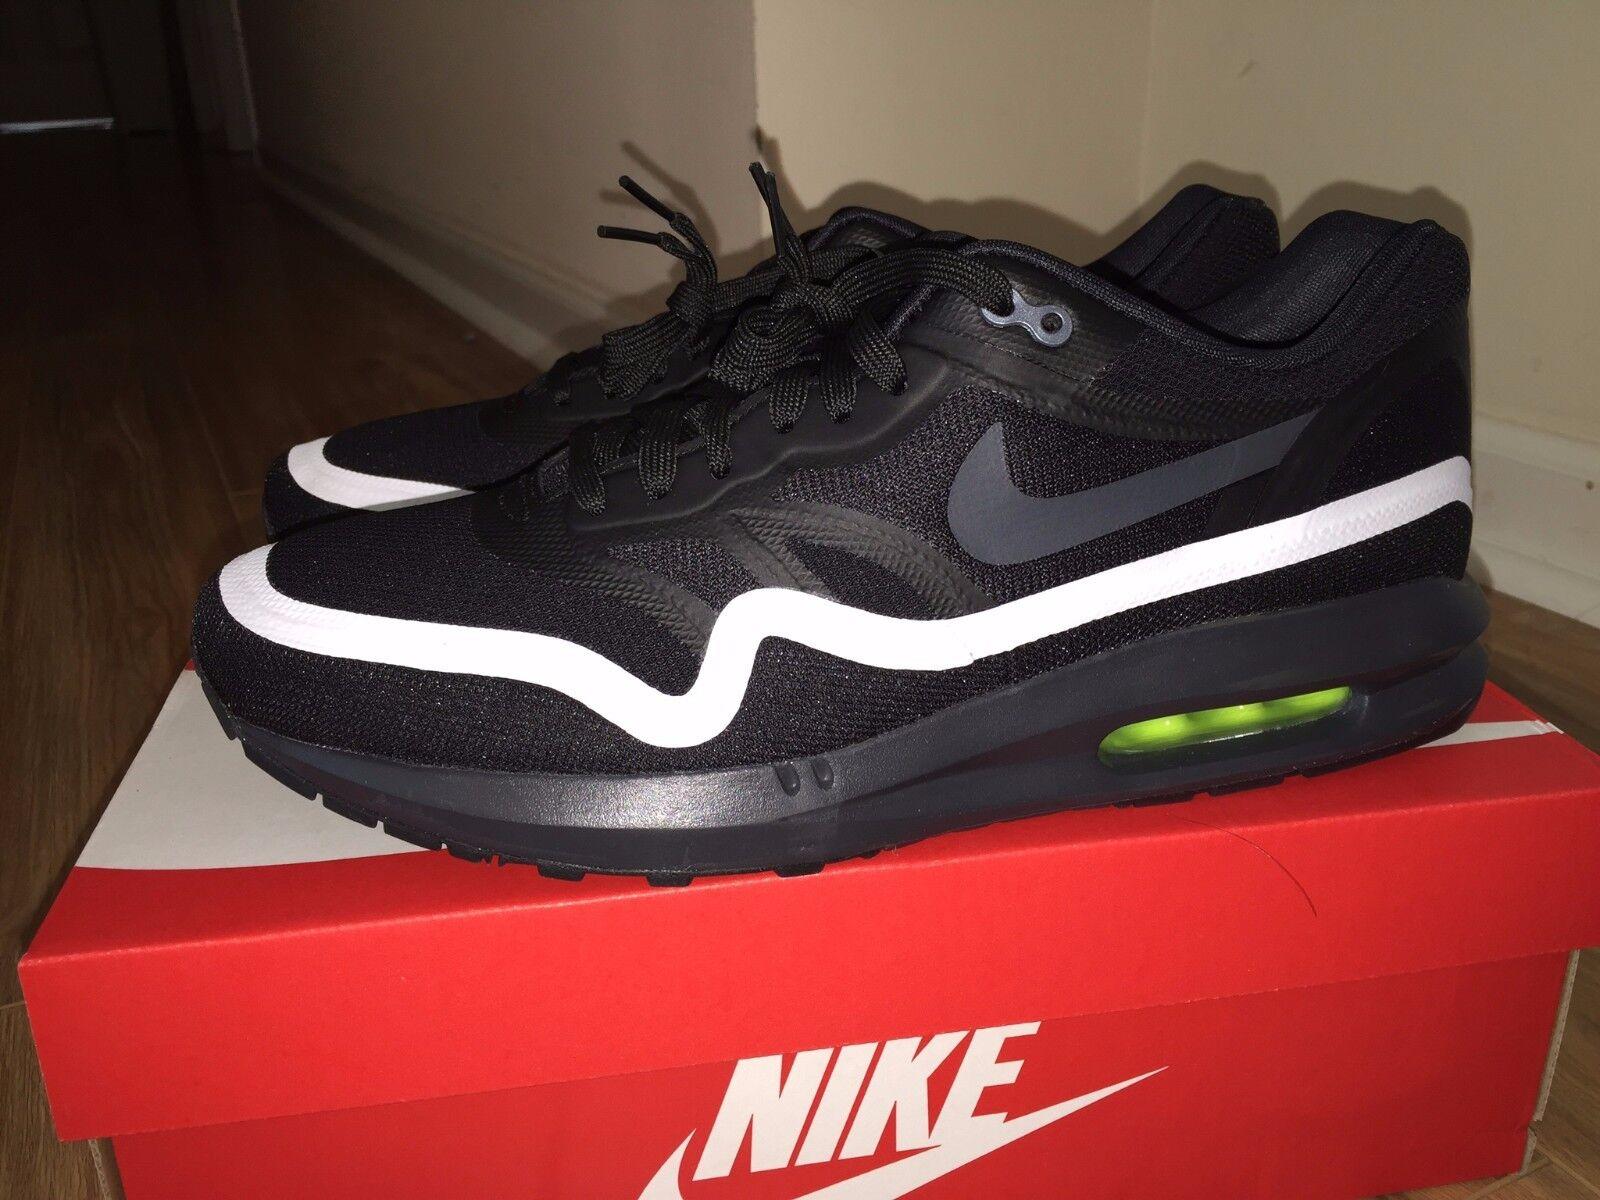 Nike air max lunar1 uomini bianchi e volt, neri in 654469-003 antracite volt, e nuovo di zecca 66bc63